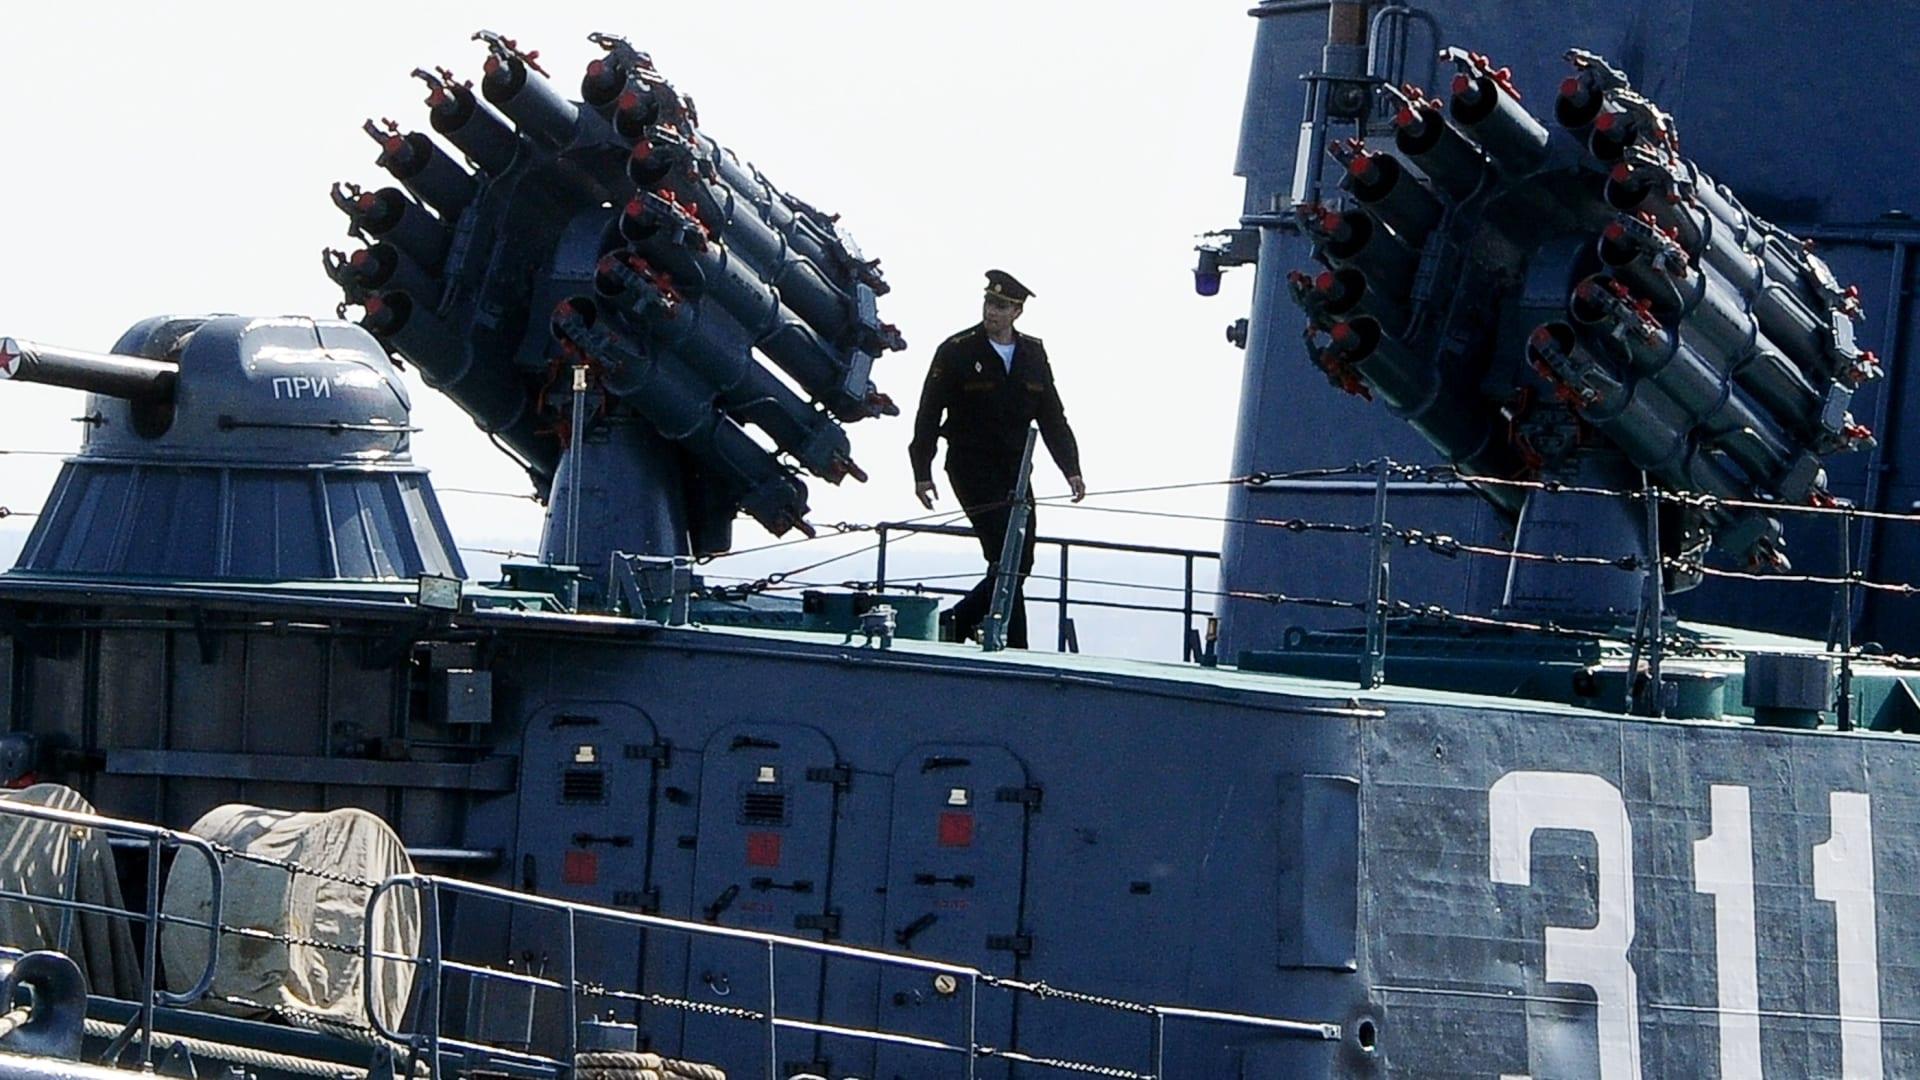 البنتاغون يتساءل: لماذا بقيت سفن روسيا بالمتوسط بعد انتهاء التدريبات؟